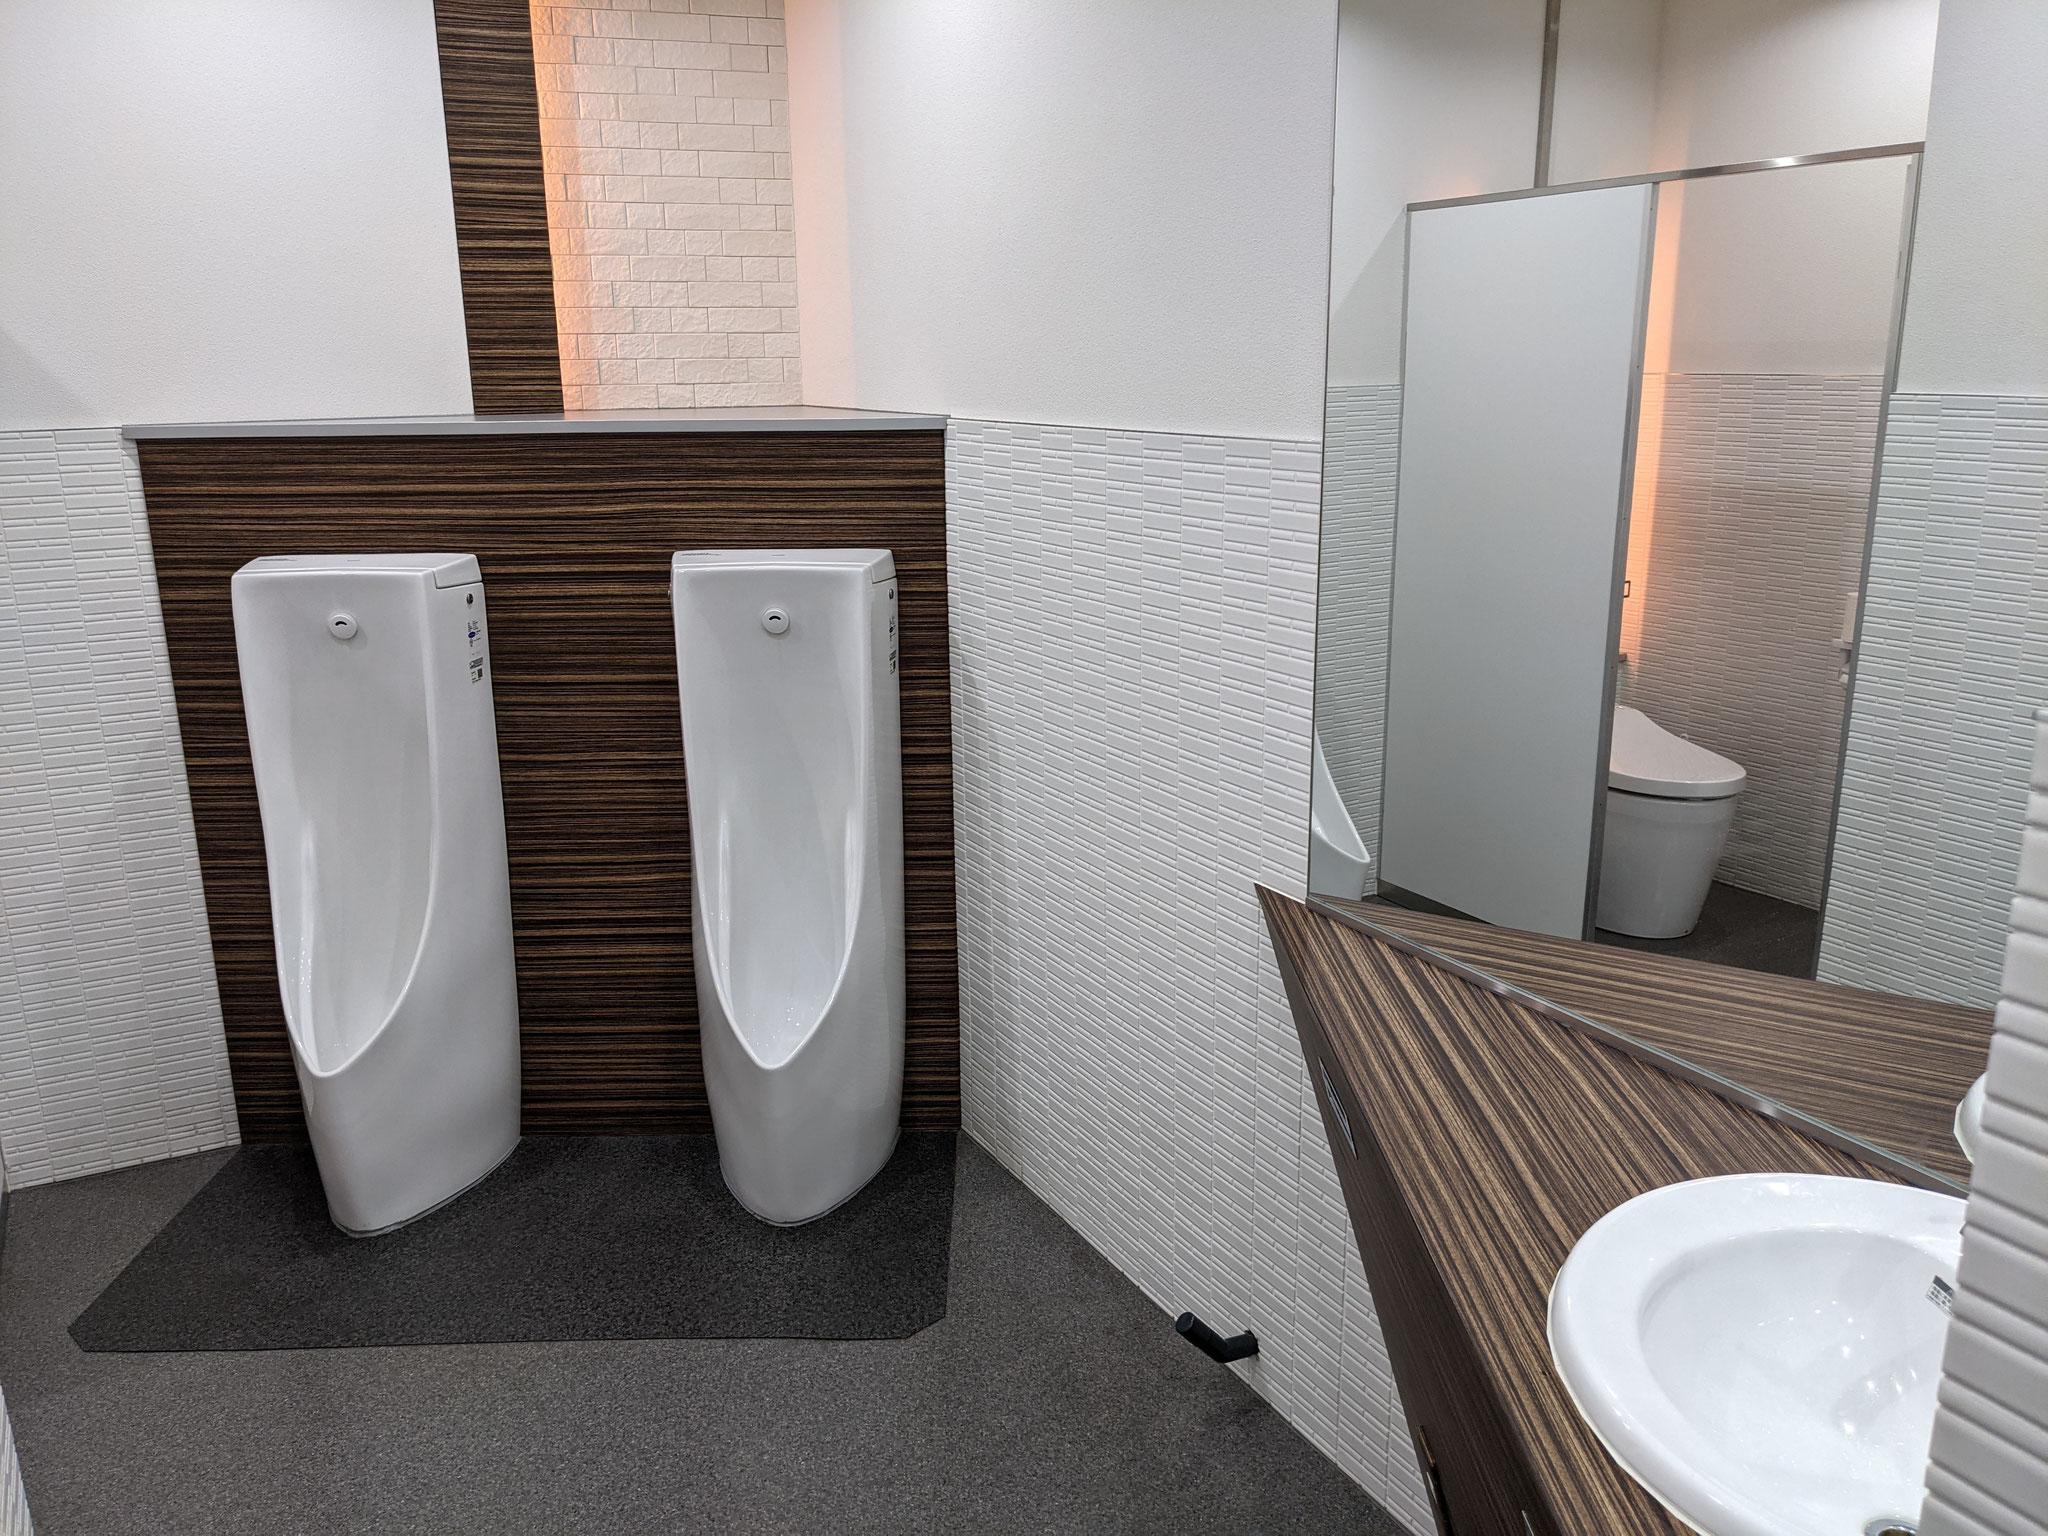 いつも清潔で綺麗なトイレ。